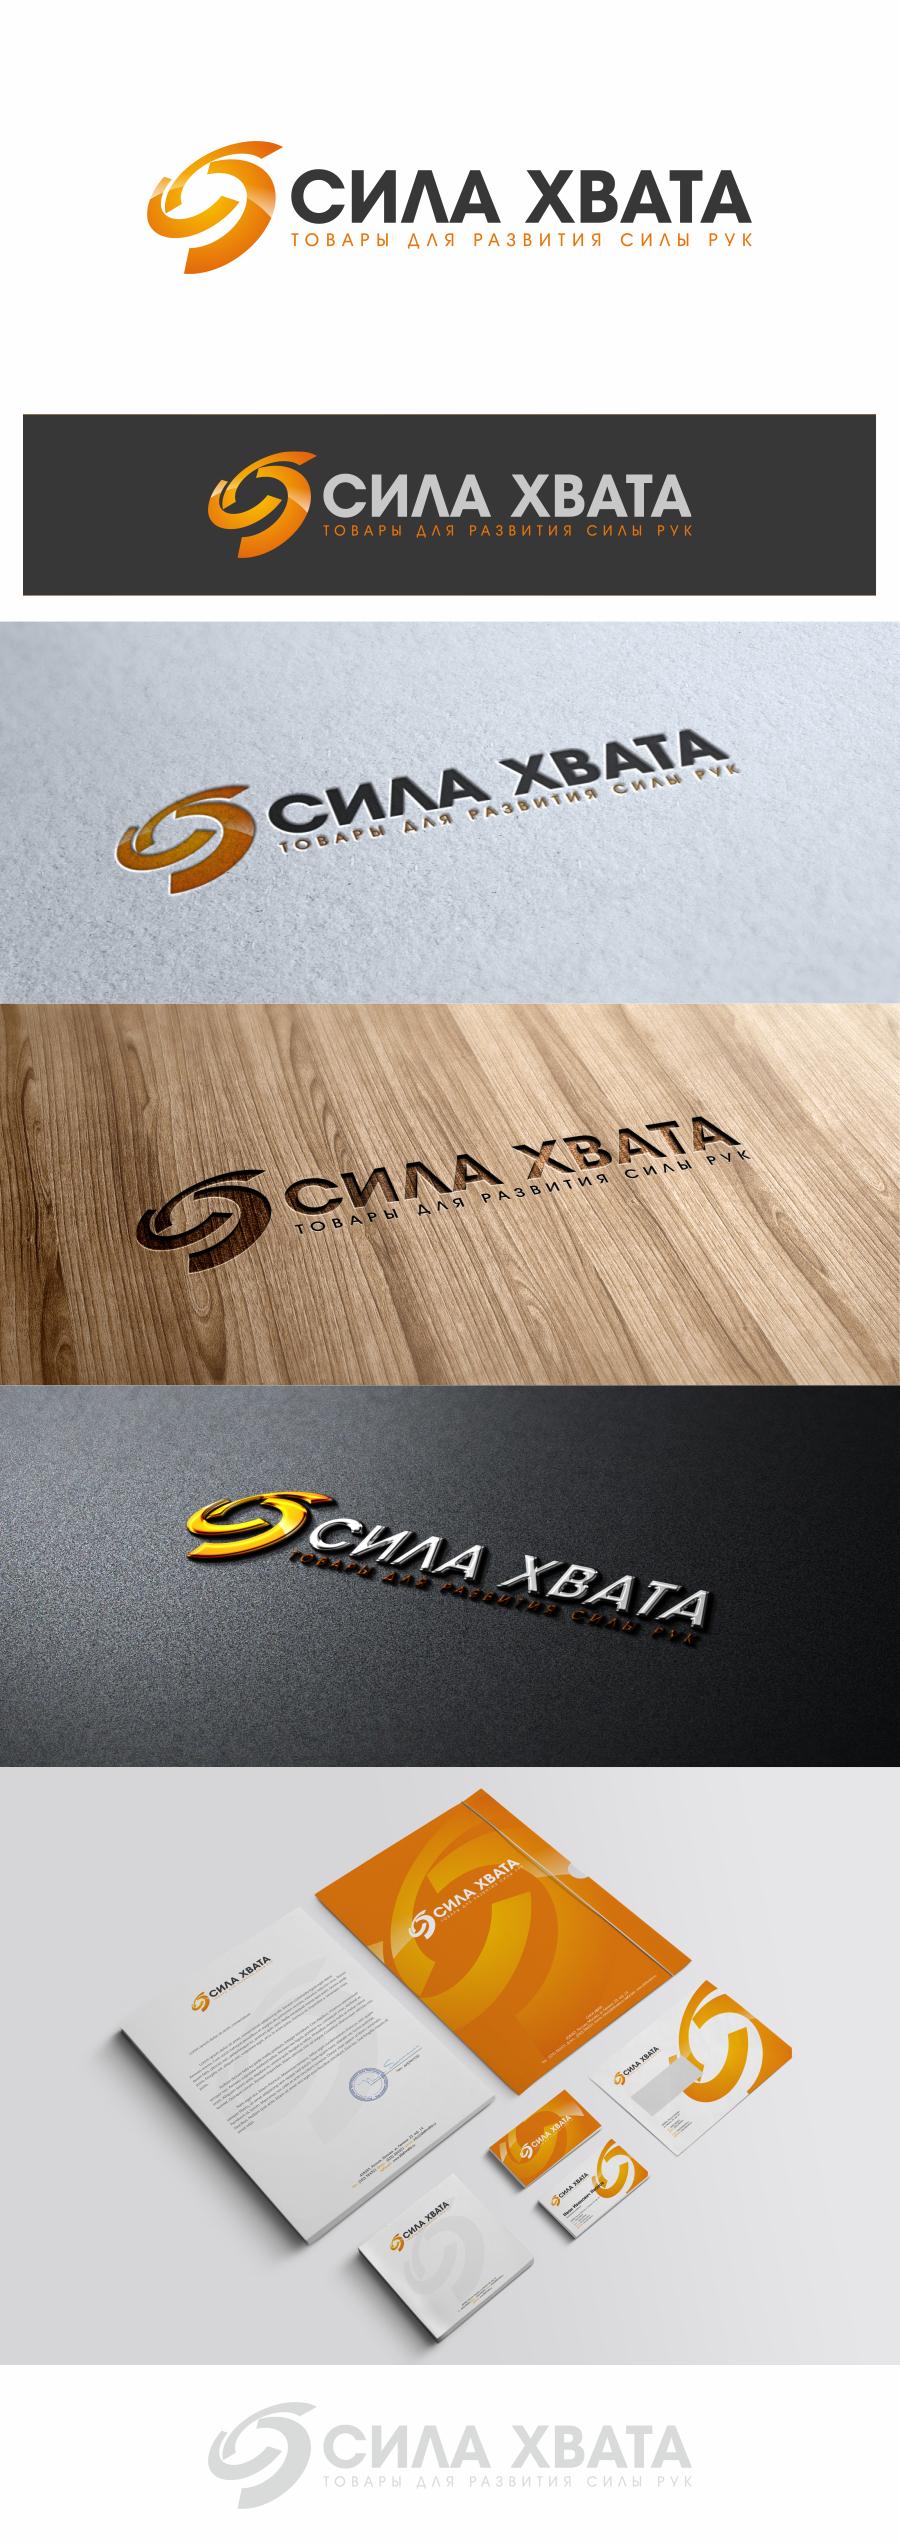 """Разработка логотипа и фирм. стиля для ИМ """"Сила хвата"""" фото f_35451311ce996d61.jpg"""